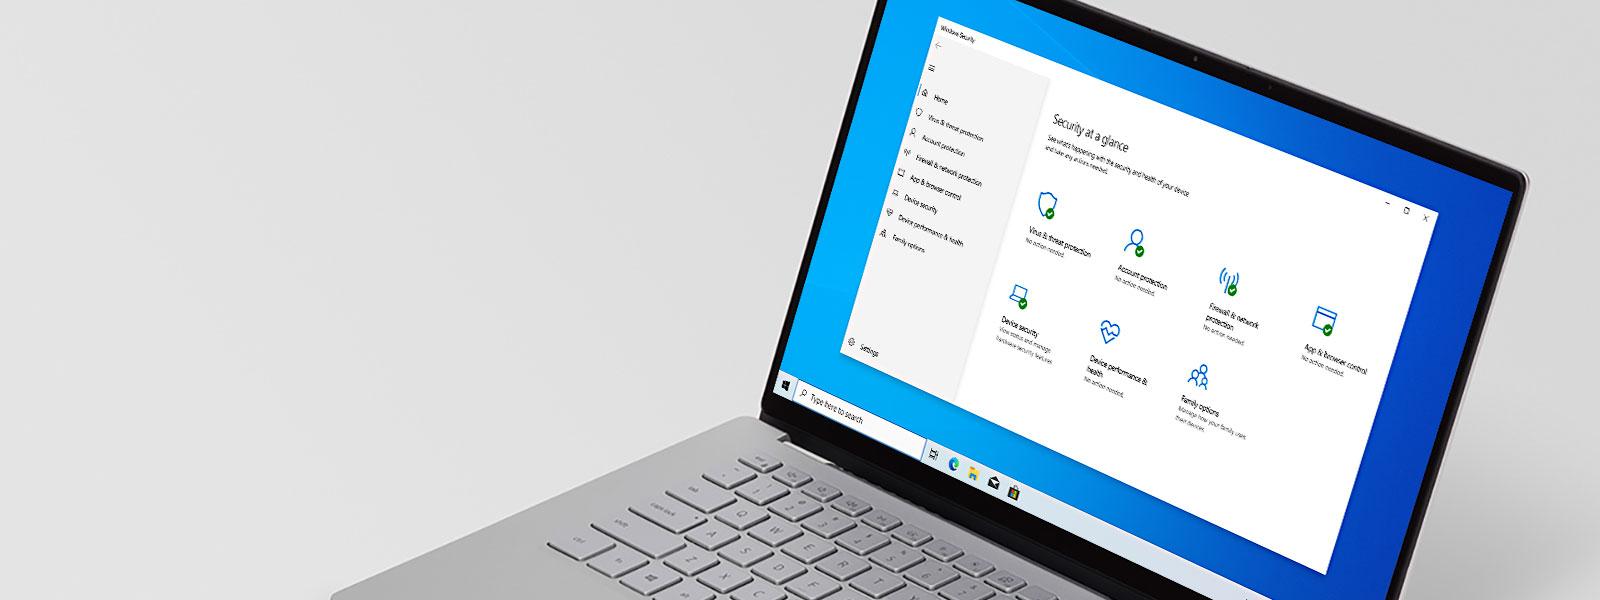 Ordinateur portable Windows10 affichant la fenêtre de l'antivirus Microsoft Defender